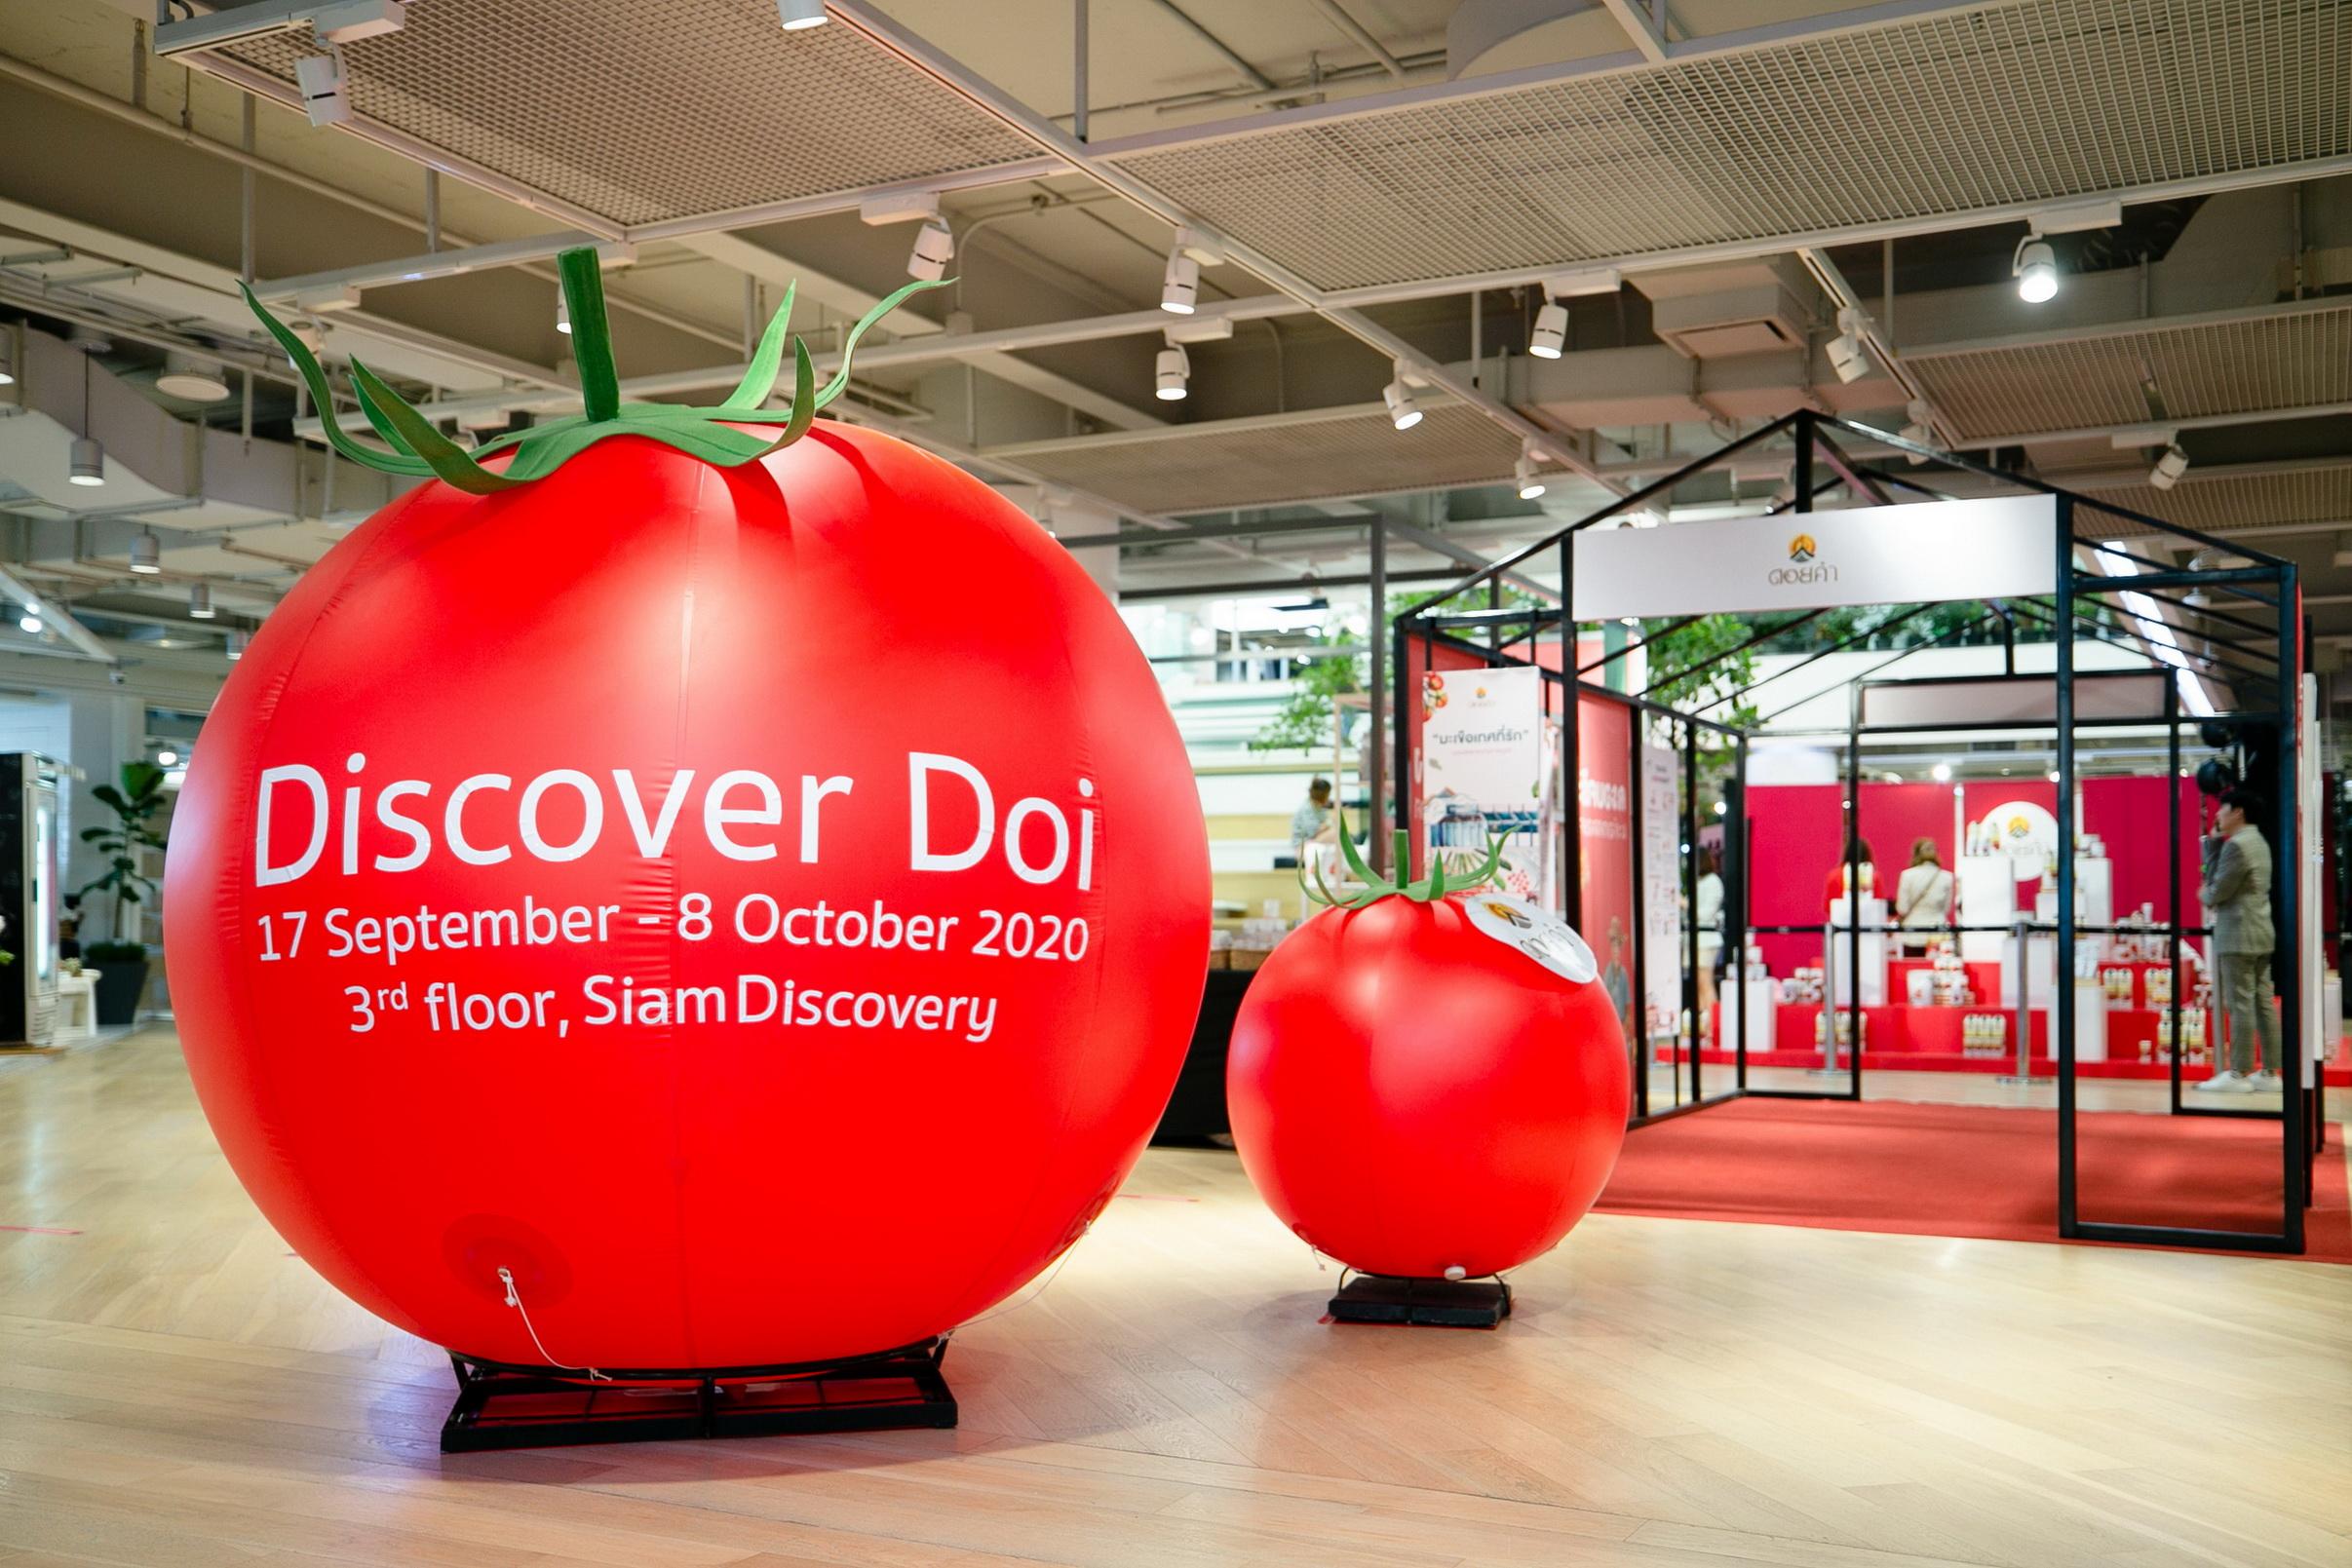 """พาเที่ยวงาน """"Discover Doi: FROM FARM TO CITY"""" กับภาพจำที่เปลี่ยนไปของ """"มะเขือเทศ ดอยคำ"""" สำนักพิมพ์แม่บ้าน"""